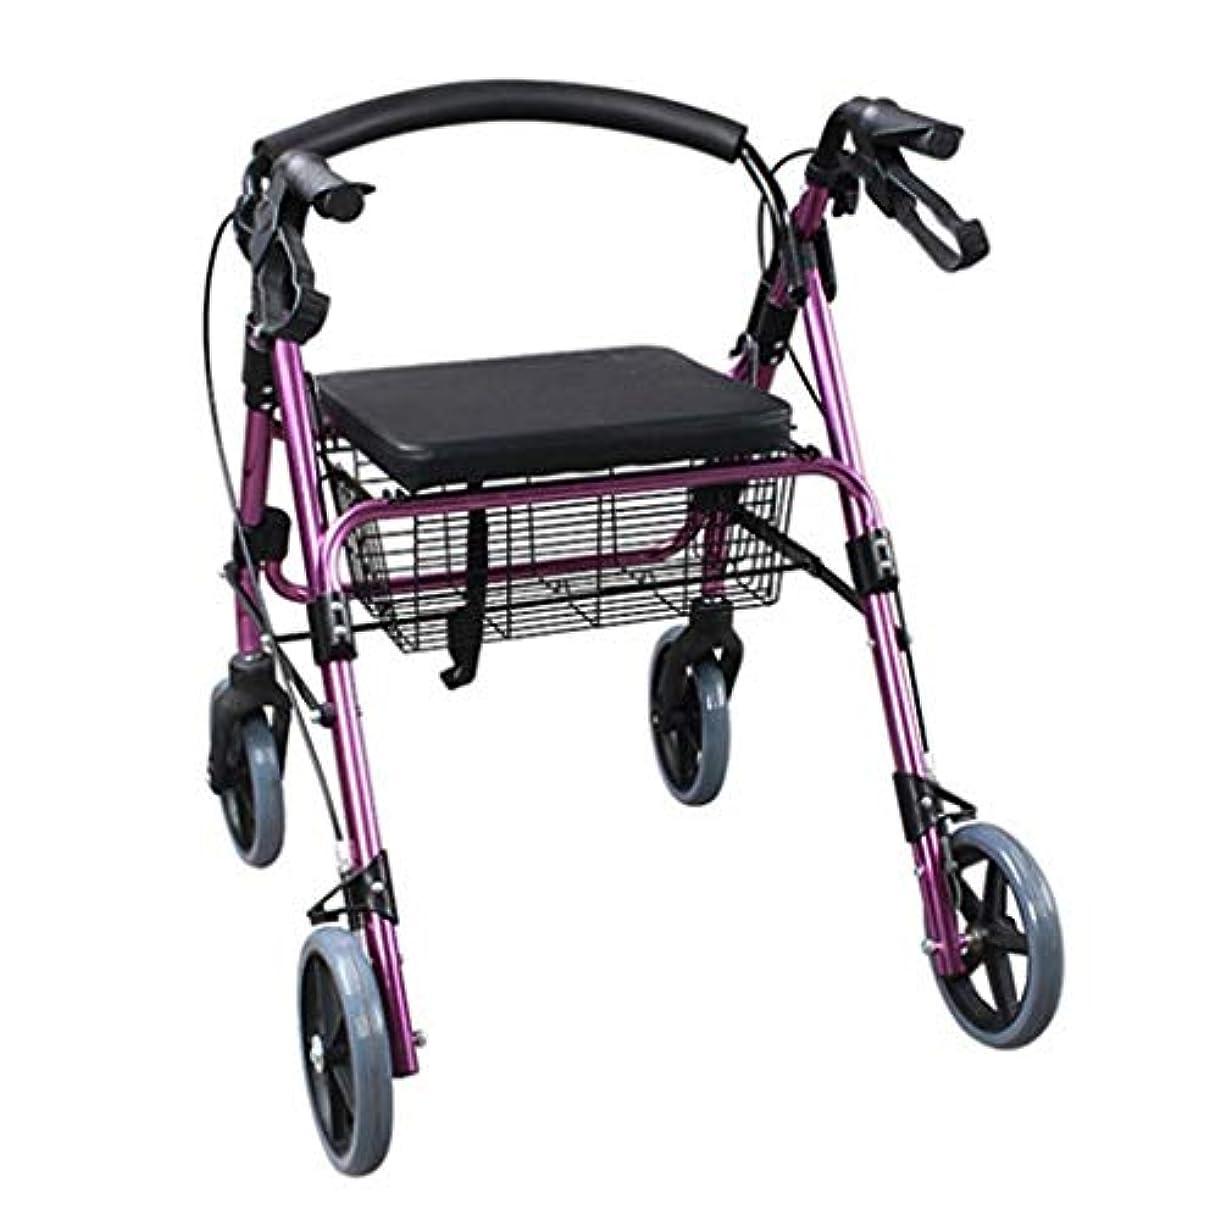 ソブリケット放棄された剃る折り畳み式の携帯用歩行器の補助歩行者の4つの車輪のショッピングカートのハンドブレーキが付いている頑丈な歩行者